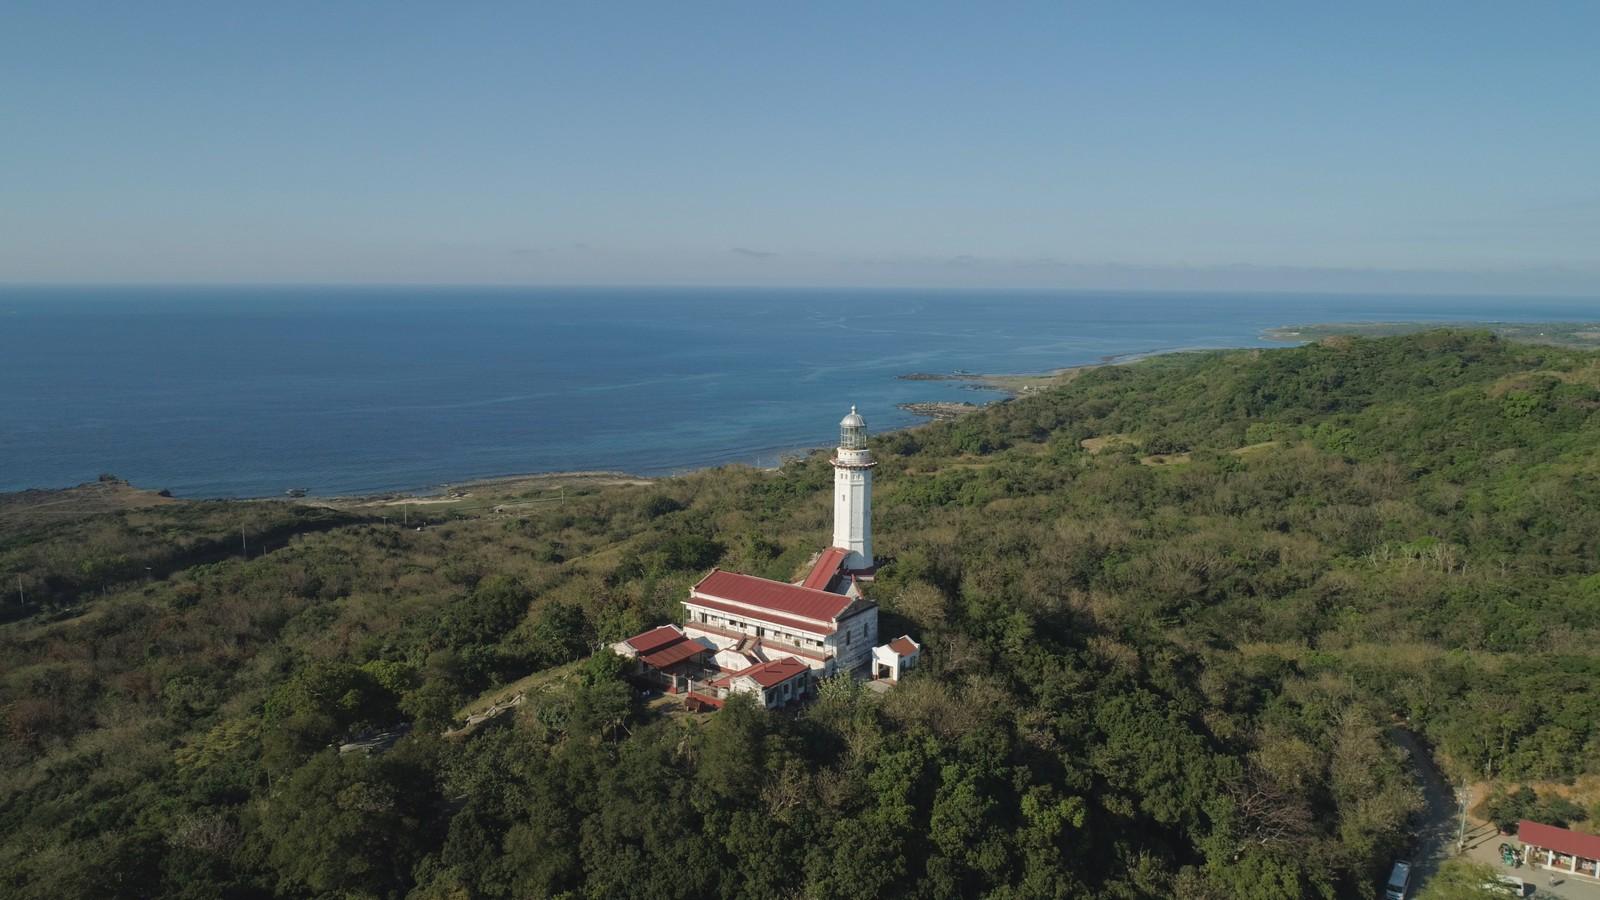 Cape Bojeador Lighthouse in Ilocos